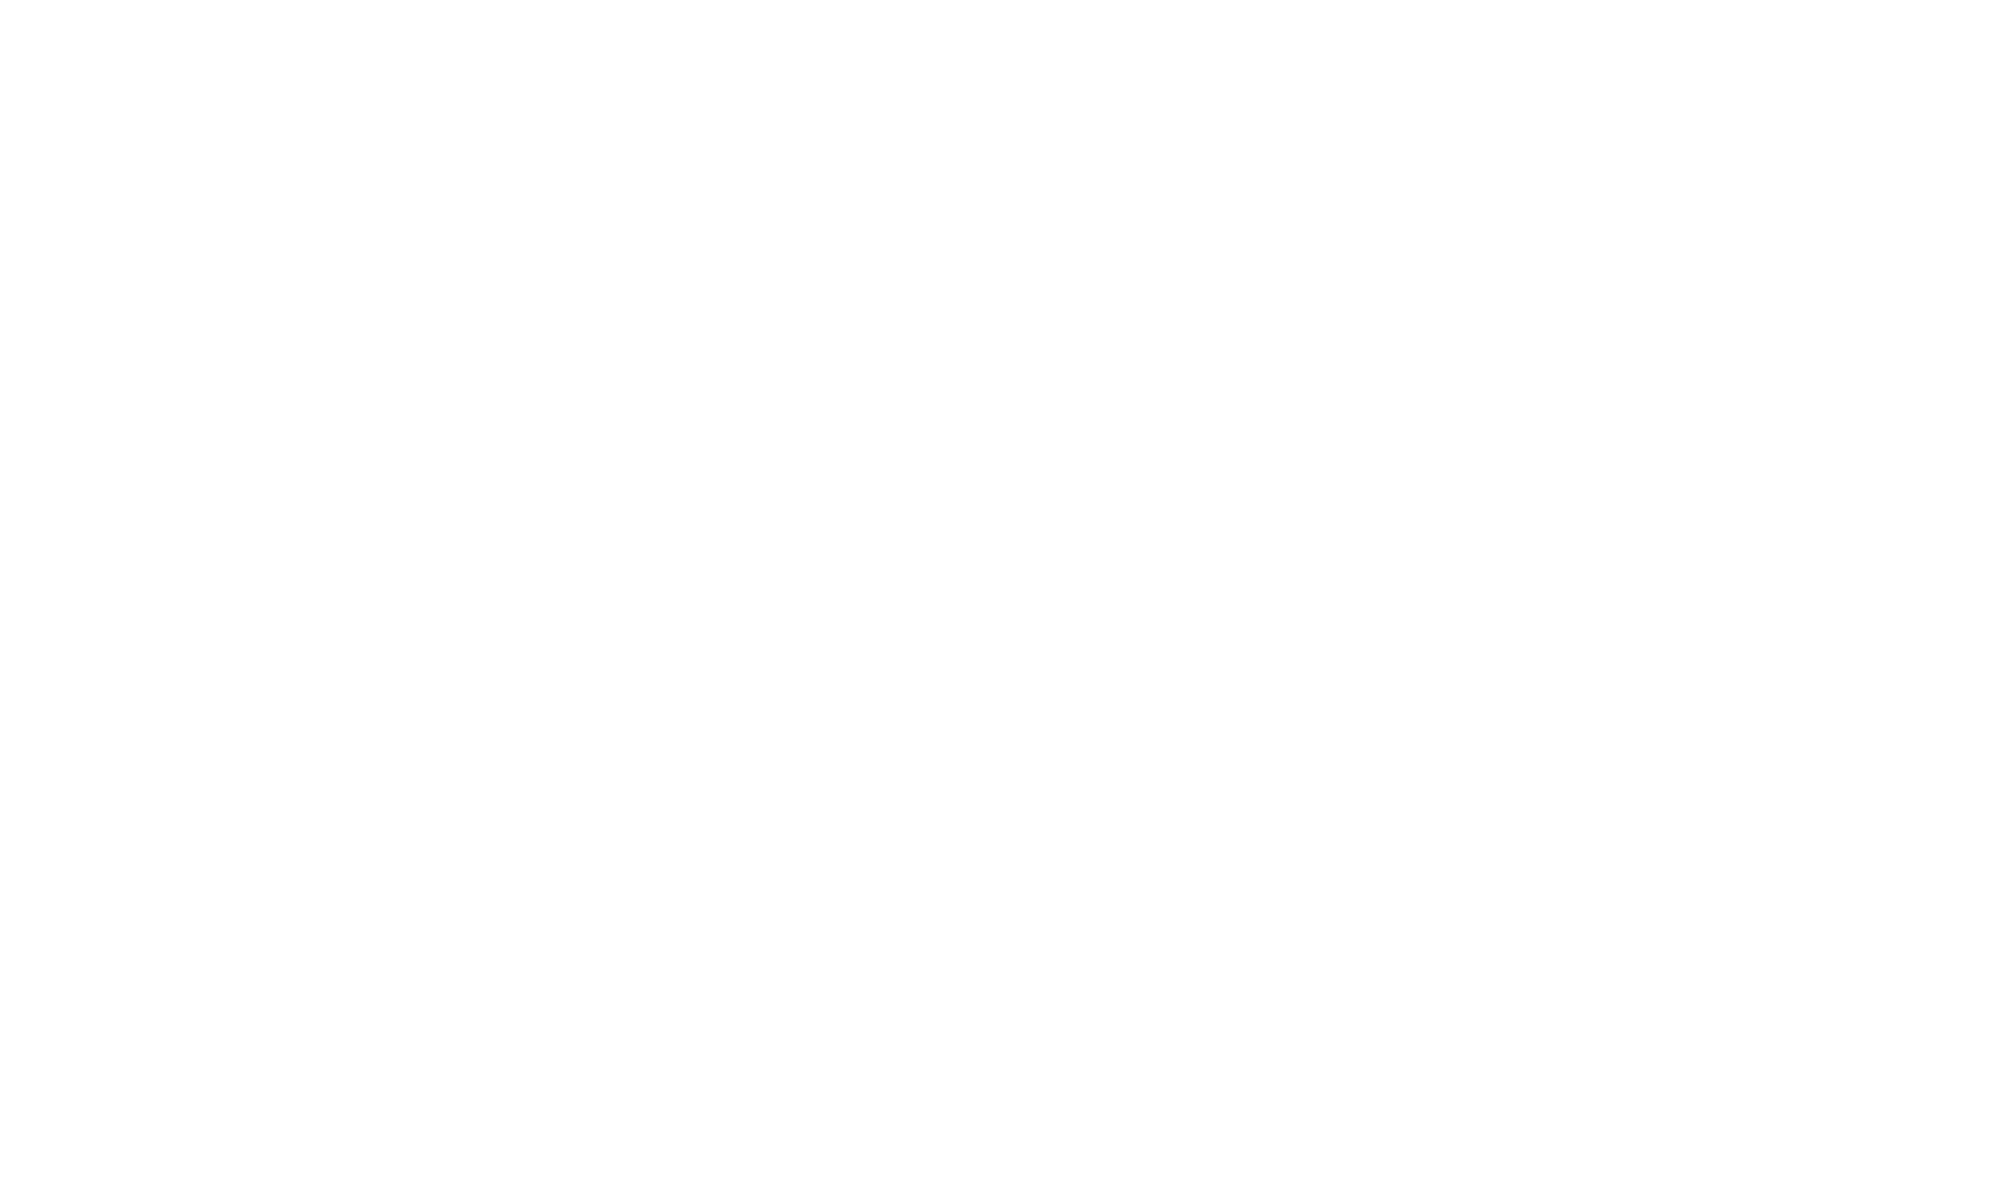 La volonté d'Antoine d'embellir le monde et de le rendre plus précieux ne serait possible sans les liens humains.  Un grand merci donc à toutes les personnes ayant participé à ce projet:  Samuel Lambert, Antoine Laverdière, Frederik De Wachter, Alberto Artesiani, Marie De Cossette, Joost Vanhecke, Tijl De Vlaminck, Dominique Van Espen, Adinda Putman, Eric Poirier, Delphine Canse Perras, Katja Silbermann, Ludo Wieme  Photos: Jeroen Verrecht & Arseni Khamzin.